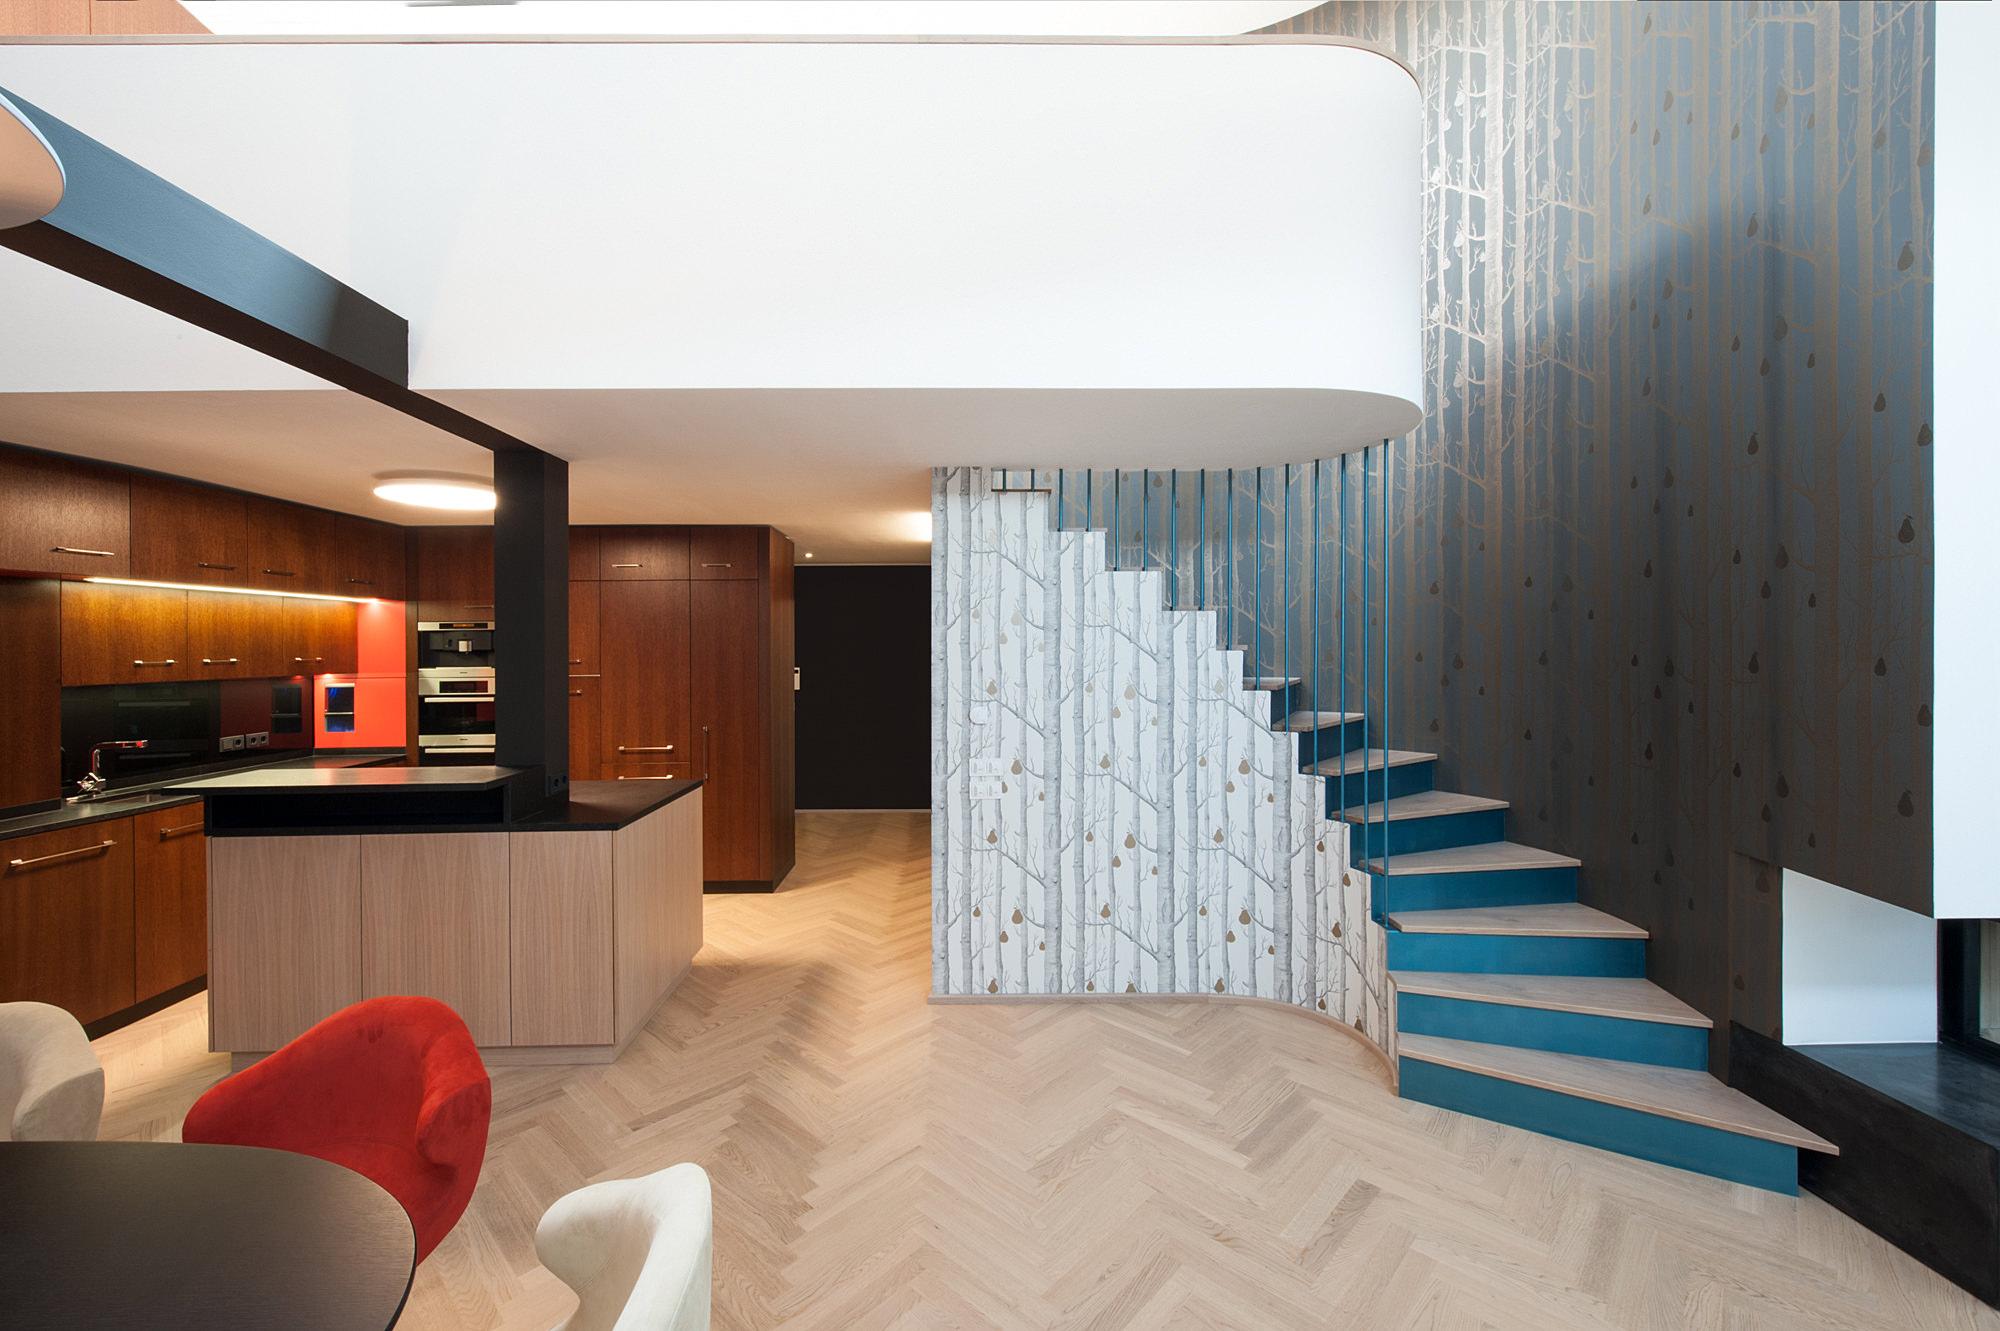 penthouse_W_01_umbau_dachausbau_1040_wien_junger_beer_architektur